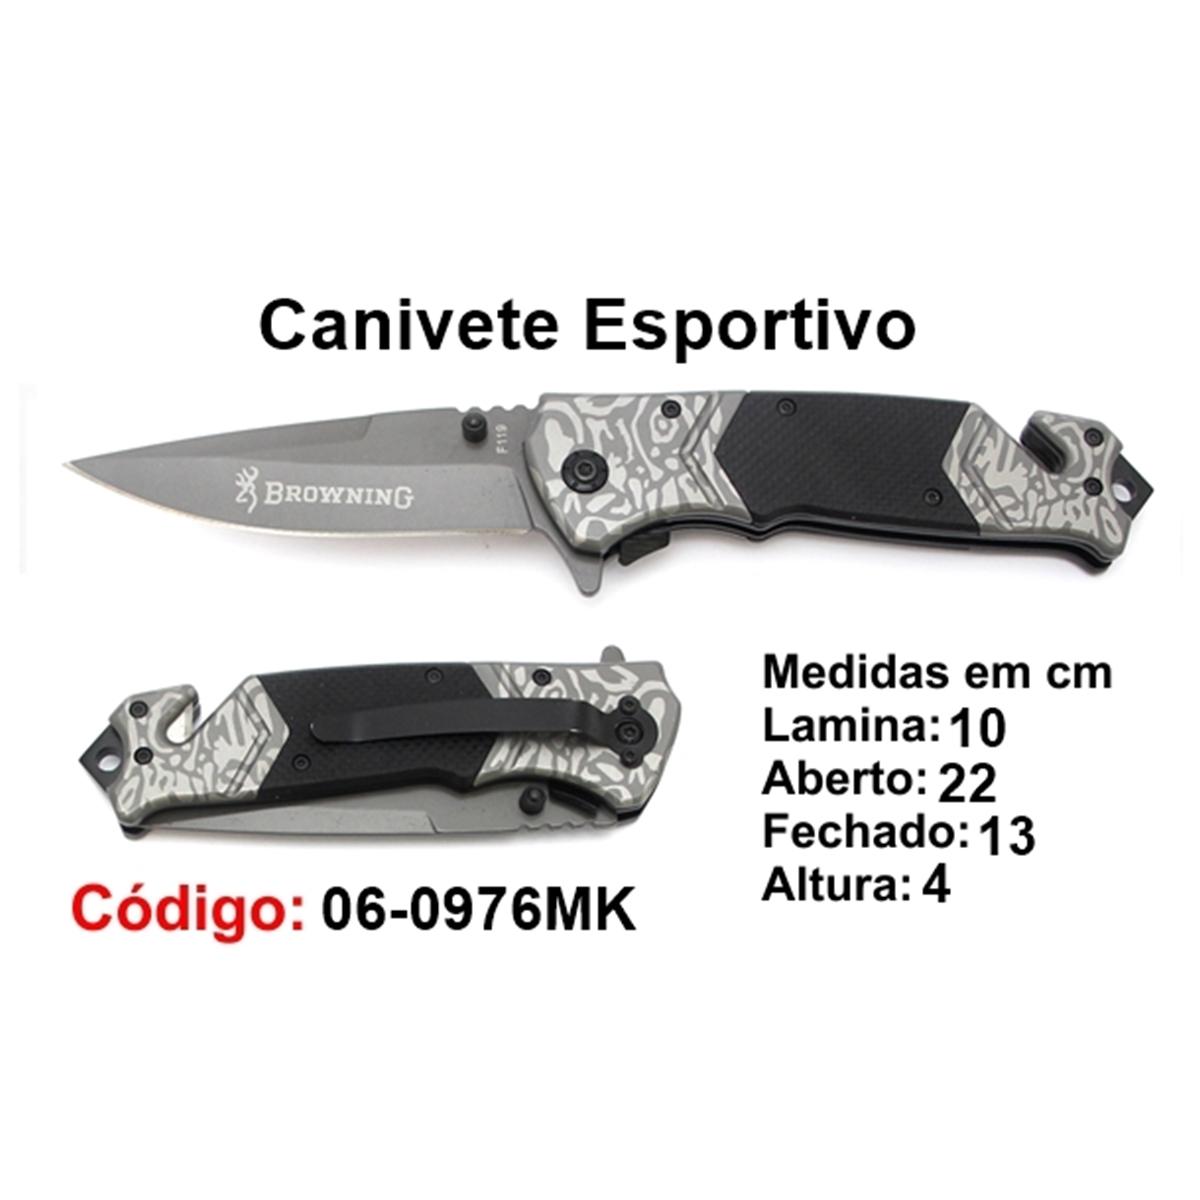 Canivete Esportivo Caça Pesca Etc. 06-0976MK